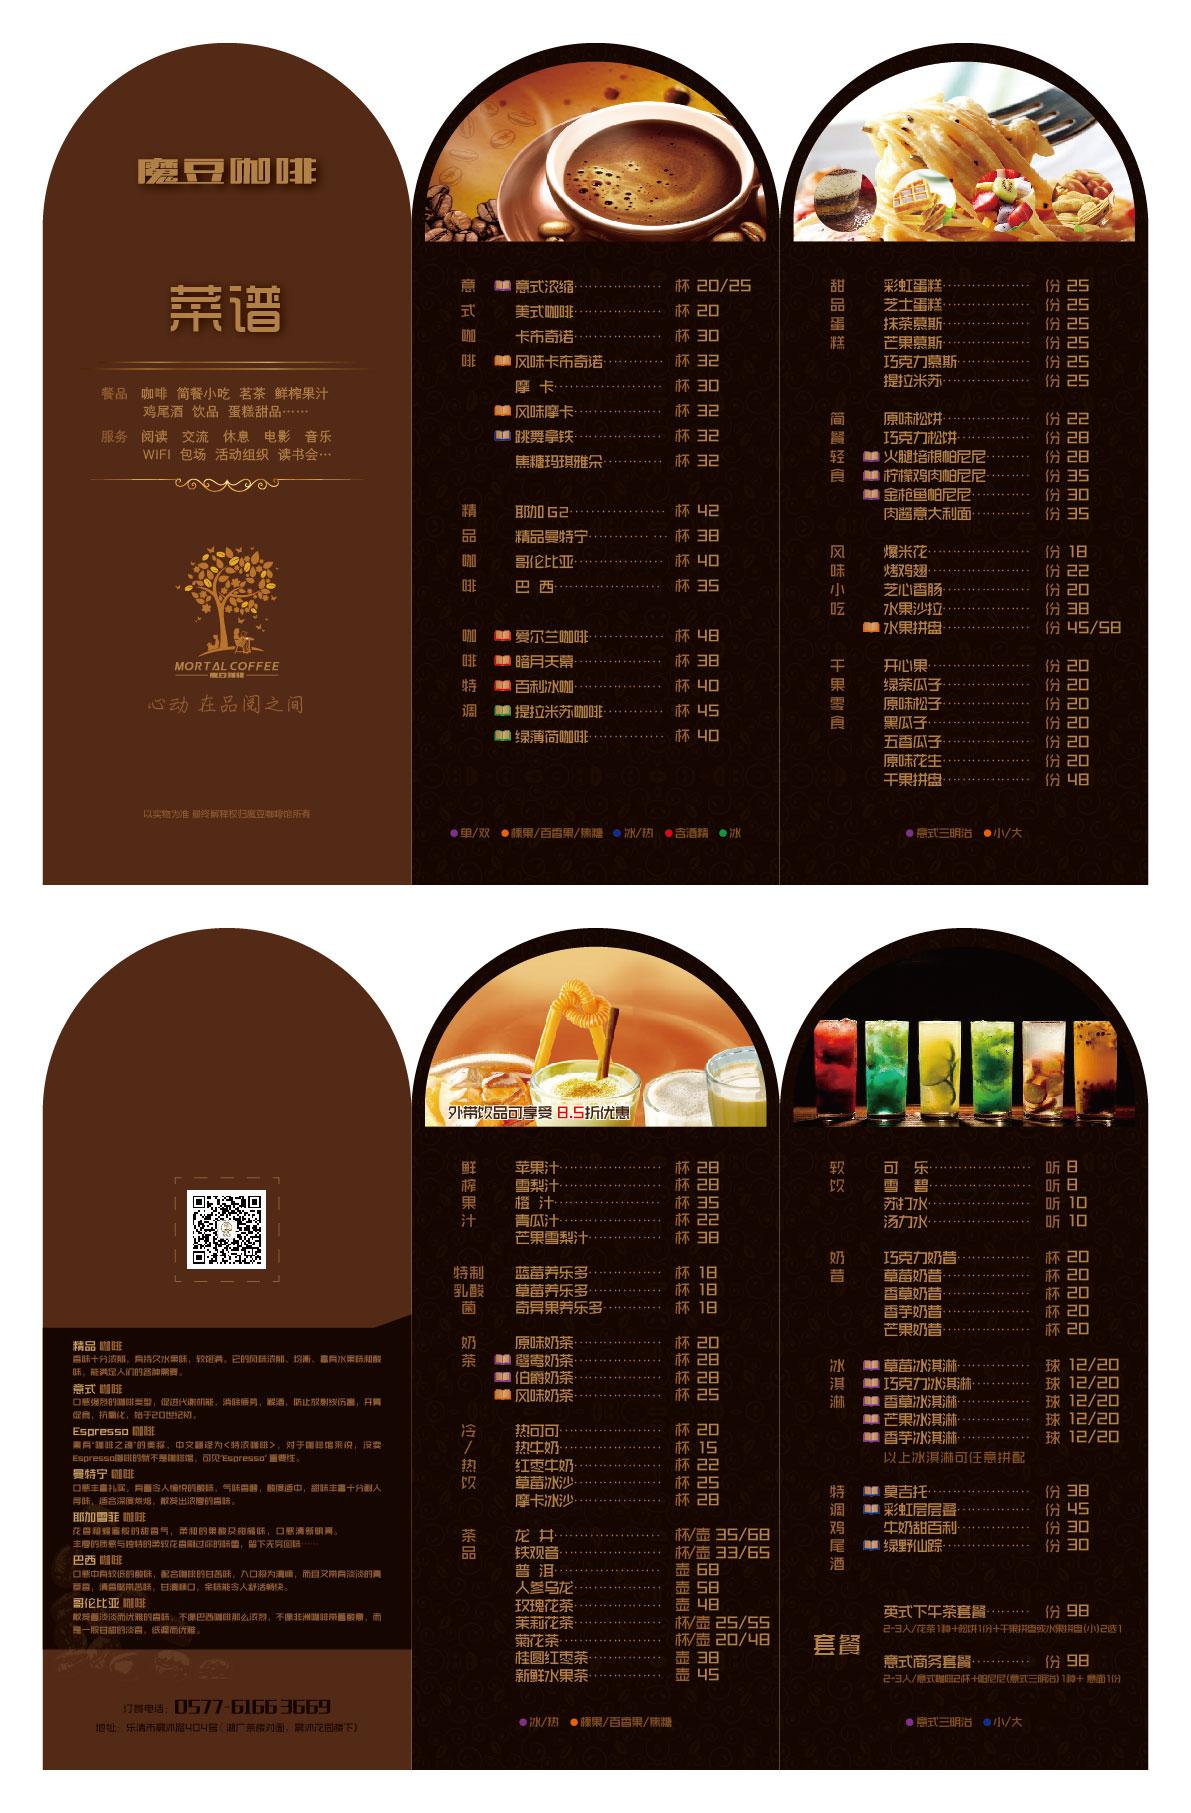 咖啡店 菜单设计